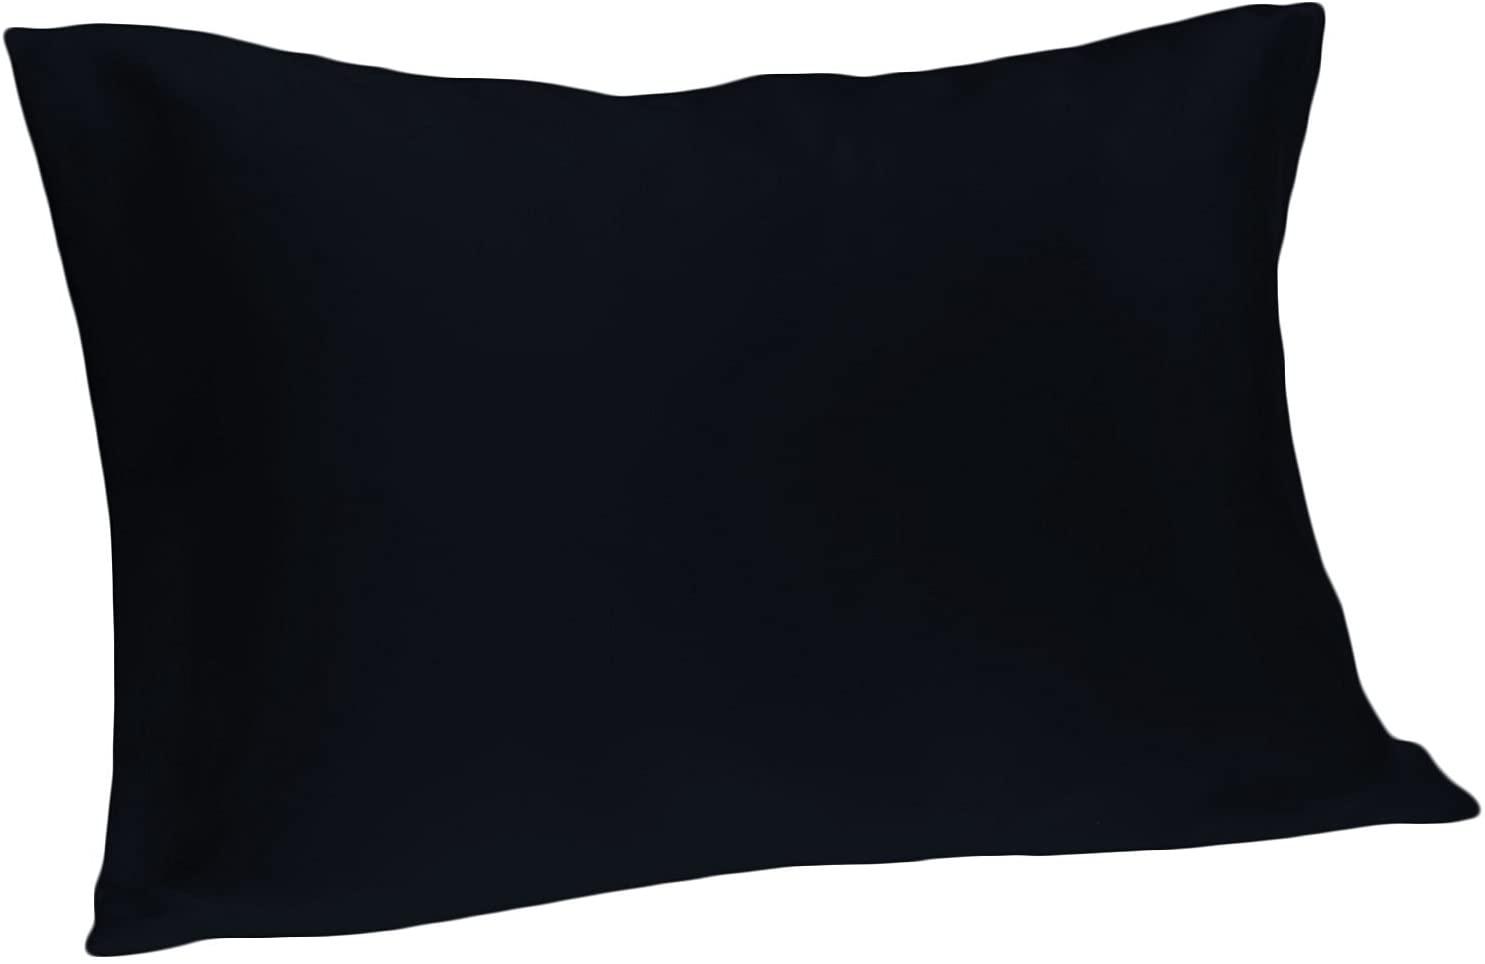 Spasilk 100-Percent Silky Satin Hair Beauty Pillowcase, Standard/Queen, Navy, 20